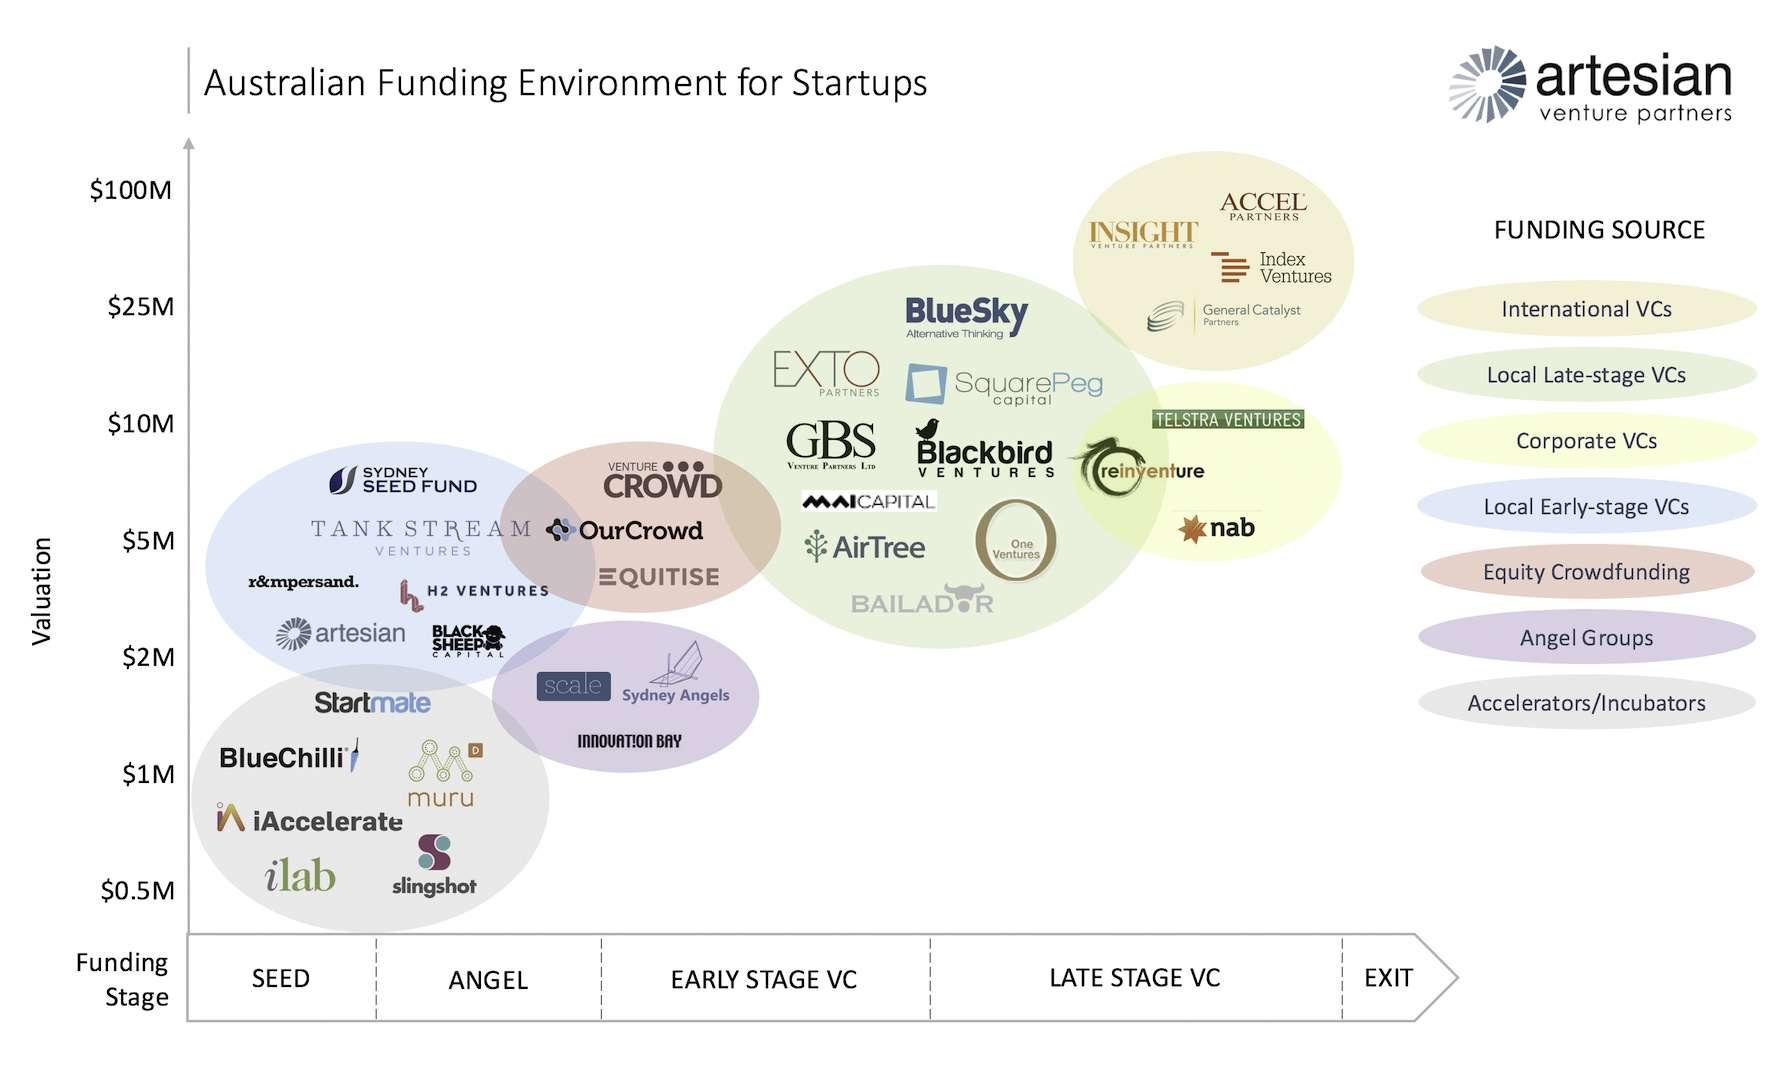 fundraising for Australian digital start-ups